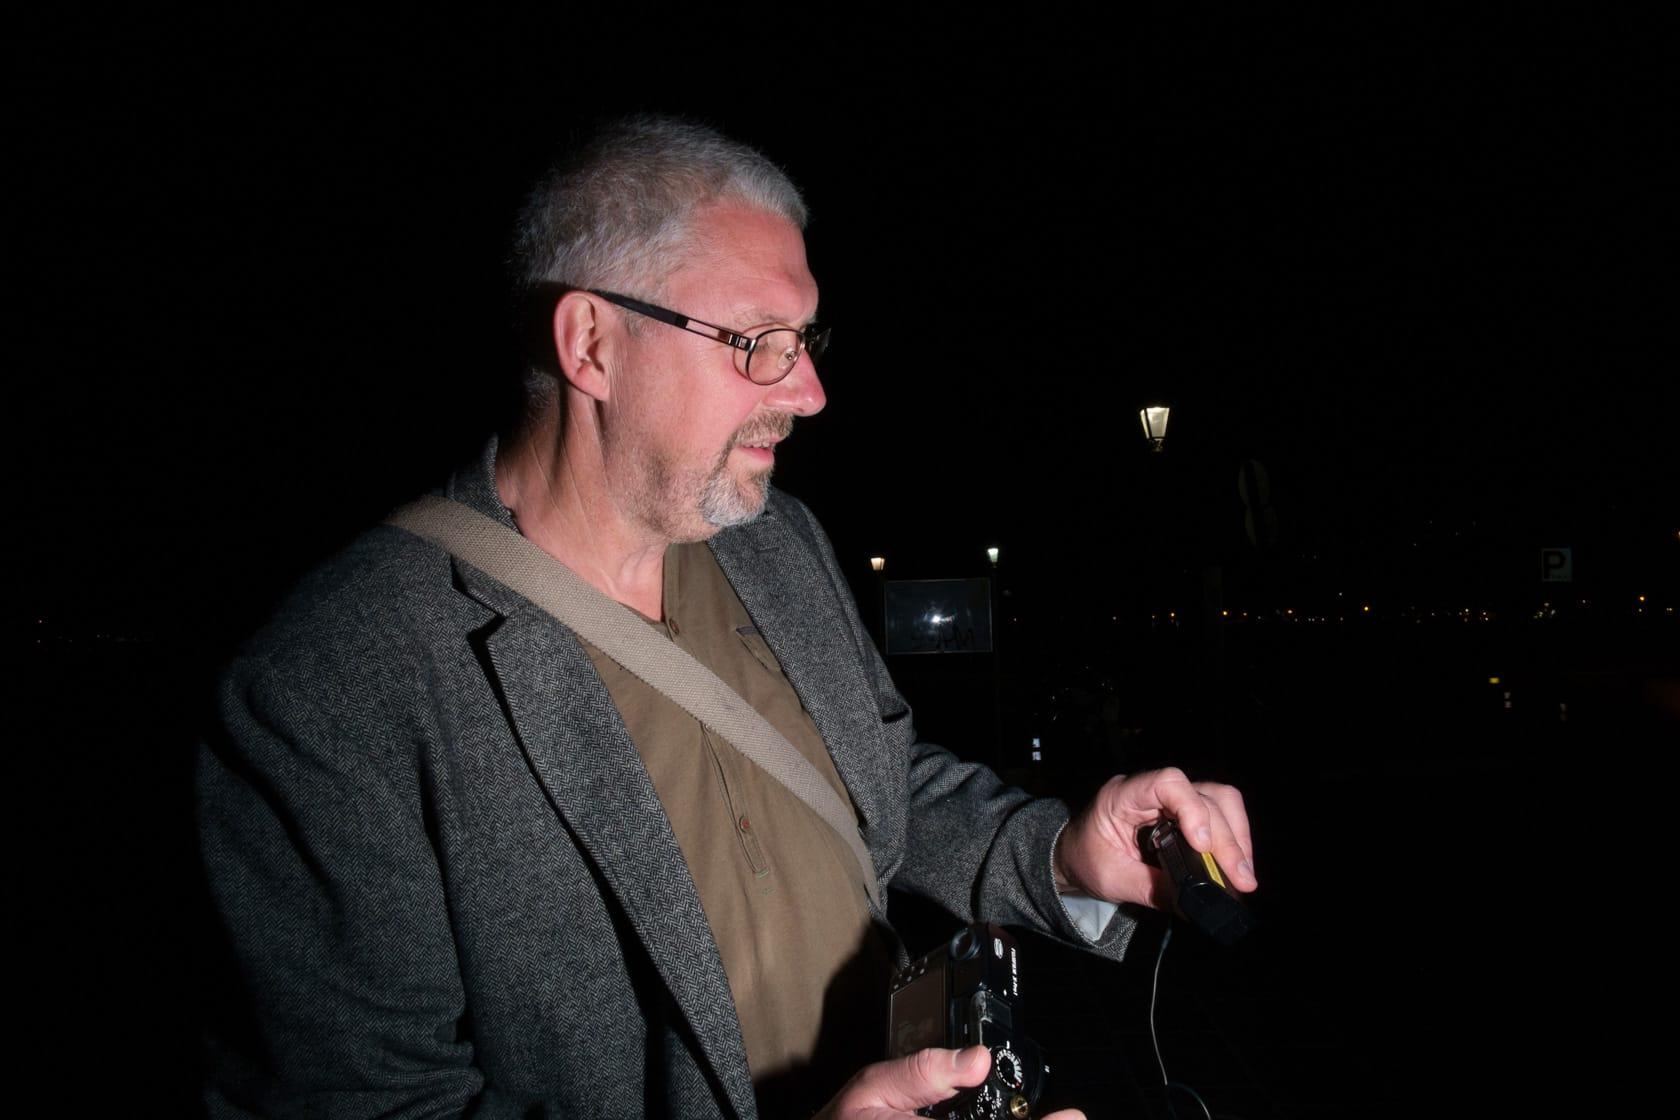 Dan Berntsson with his Fujifilm X-Pro1 and PC Cord flash